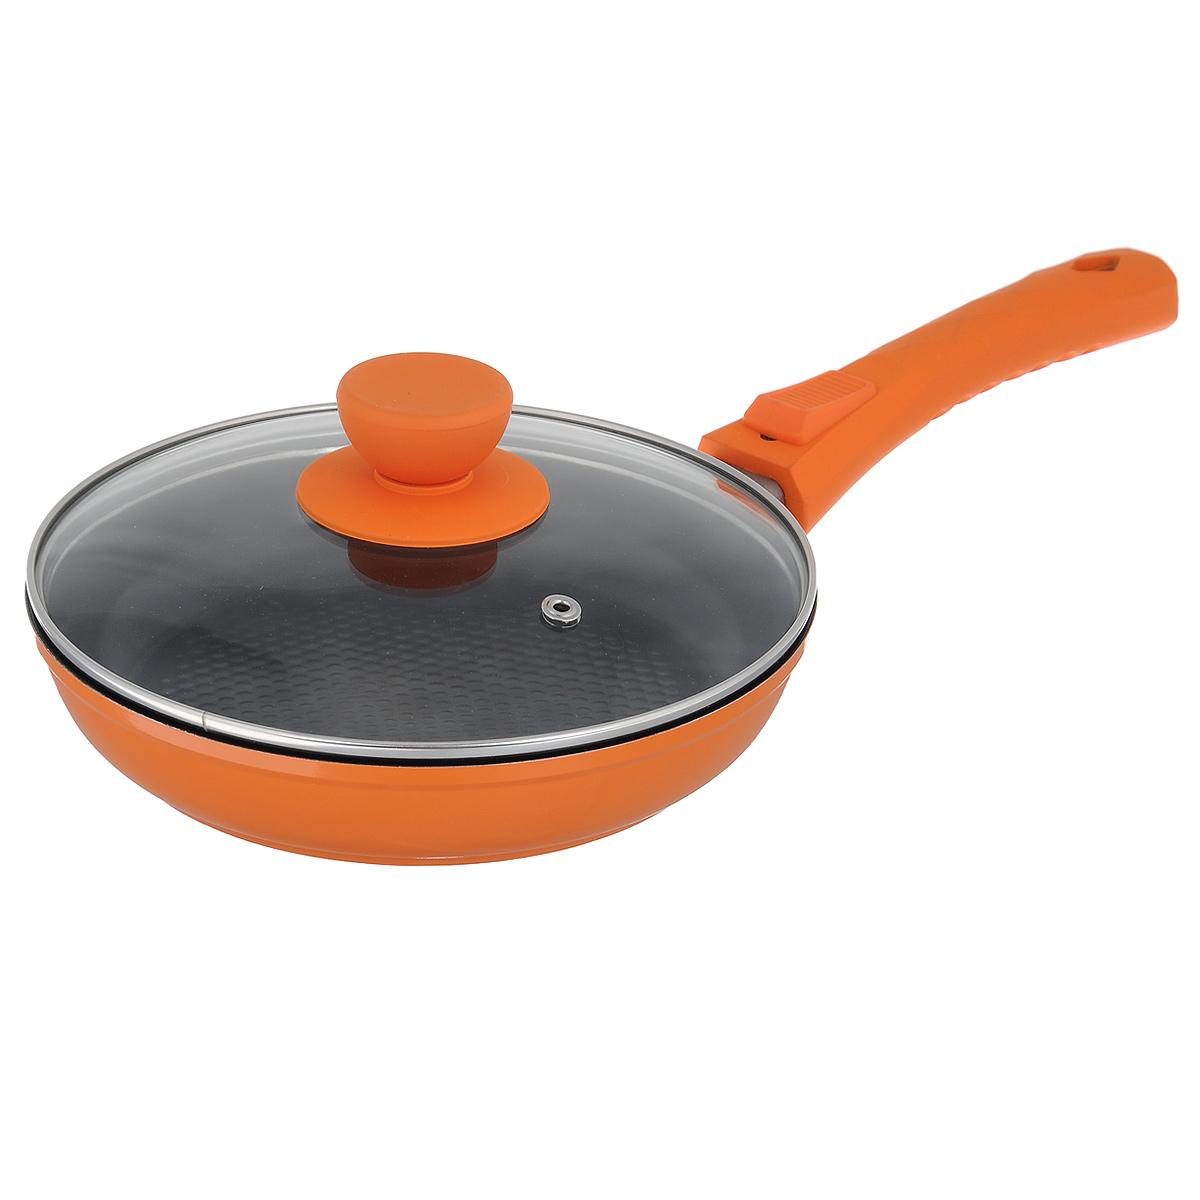 Сковорода Bohmann с крышкой, со съемной ручкой, с керамическим 3D покрытием, цвет: оранжевый. Диаметр 20 см. BH-7020/2-3D7020BH/2-3DСковорода Bohmann изготовлена из литого алюминия с антипригарным керамическим покрытием черного цвета с эффектом 3D. Внешнее покрытие - жаростойкий лак, который сохраняет цвет долгое время. Благодаря керамическому покрытию пища не пригорает и не прилипает к поверхности сковороды, что позволяет готовить с минимальным количеством масла. Кроме того, такое покрытие абсолютно безопасно для здоровья человека, так как не содержит вредной примеси PFOA. Рифленая внутренняя поверхность сковороды обеспечивает быстрое и легкое приготовление. Достоинства керамического покрытия: - устойчивость к высоким температурам и резким перепадам температур, - устойчивость к царапающим кухонным принадлежностям и абразивным моющим средствам, - устойчивость к коррозии, - водоотталкивающий эффект, - покрытие способствует испарению воды во время готовки, - длительный срок службы, - безопасность для окружающей среды и человека. Сковорода быстро...